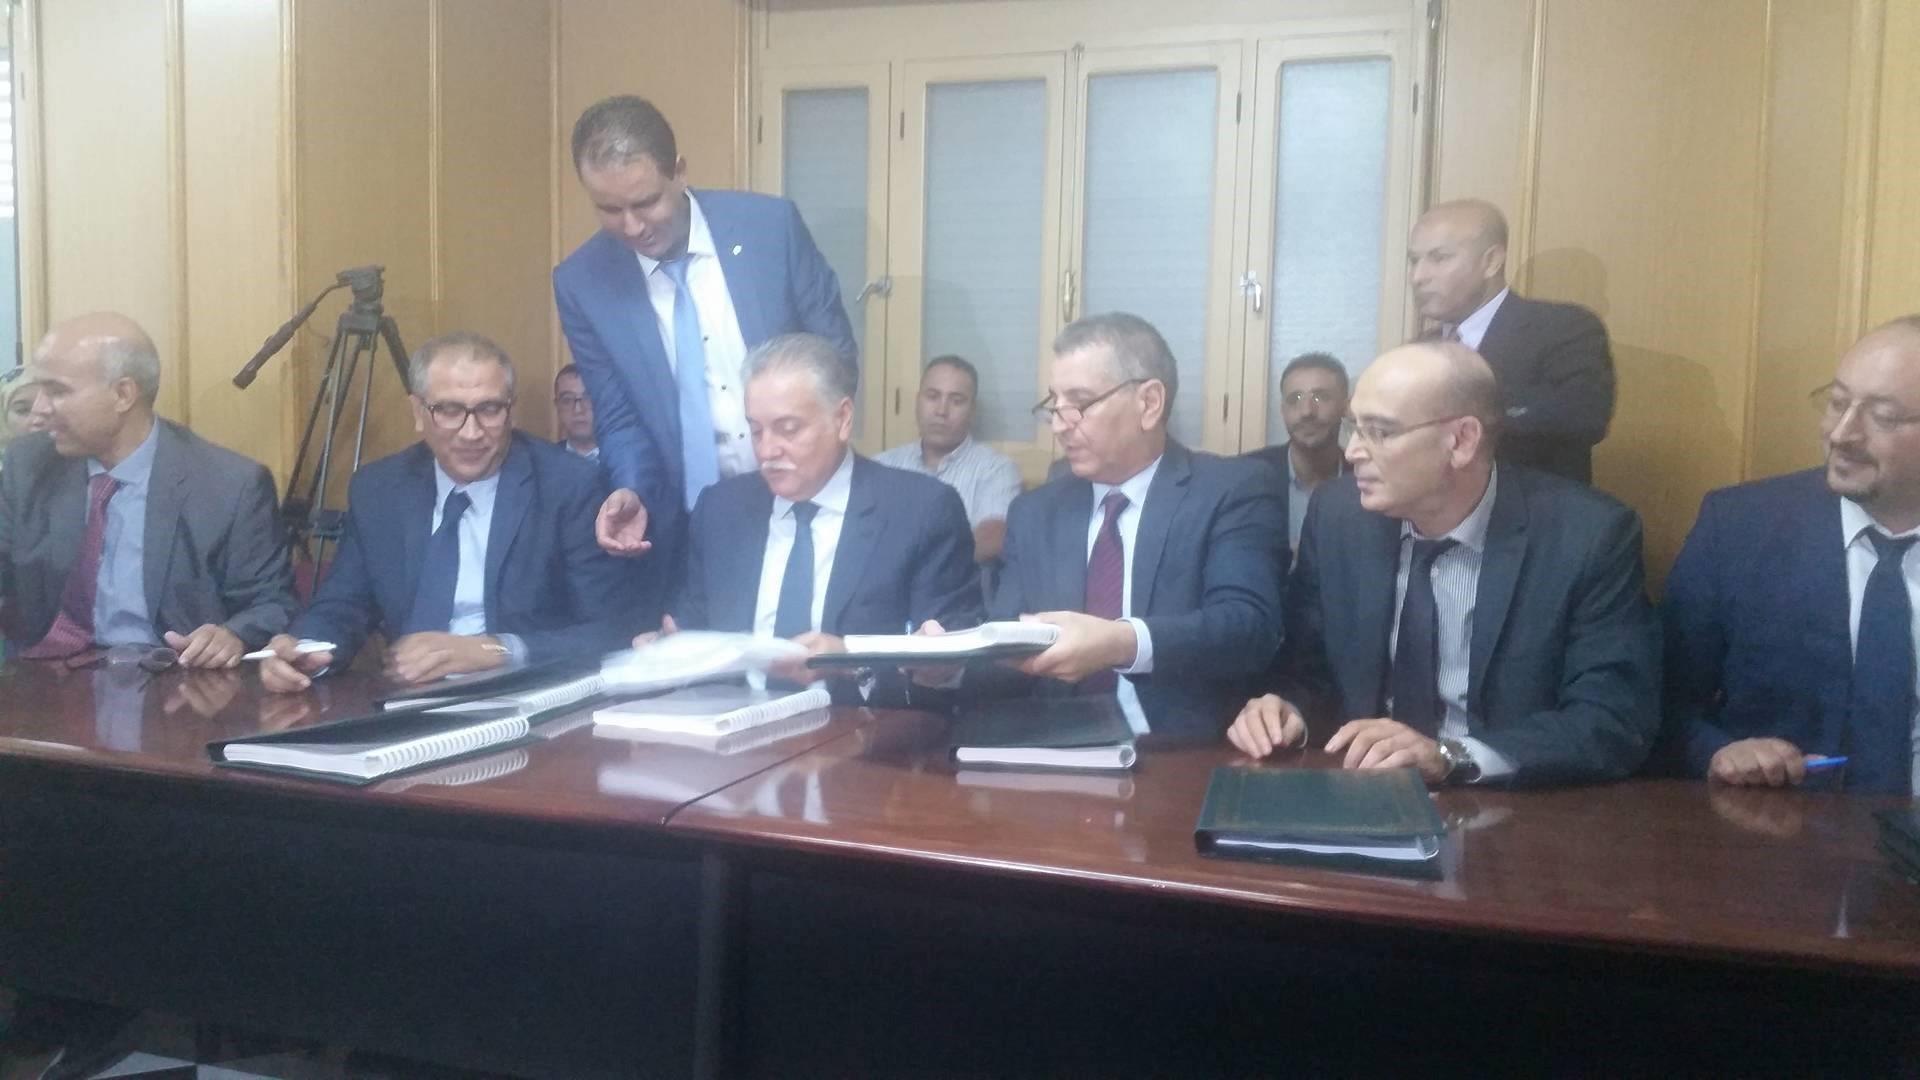 Fes-Oujda - 27-09-2017